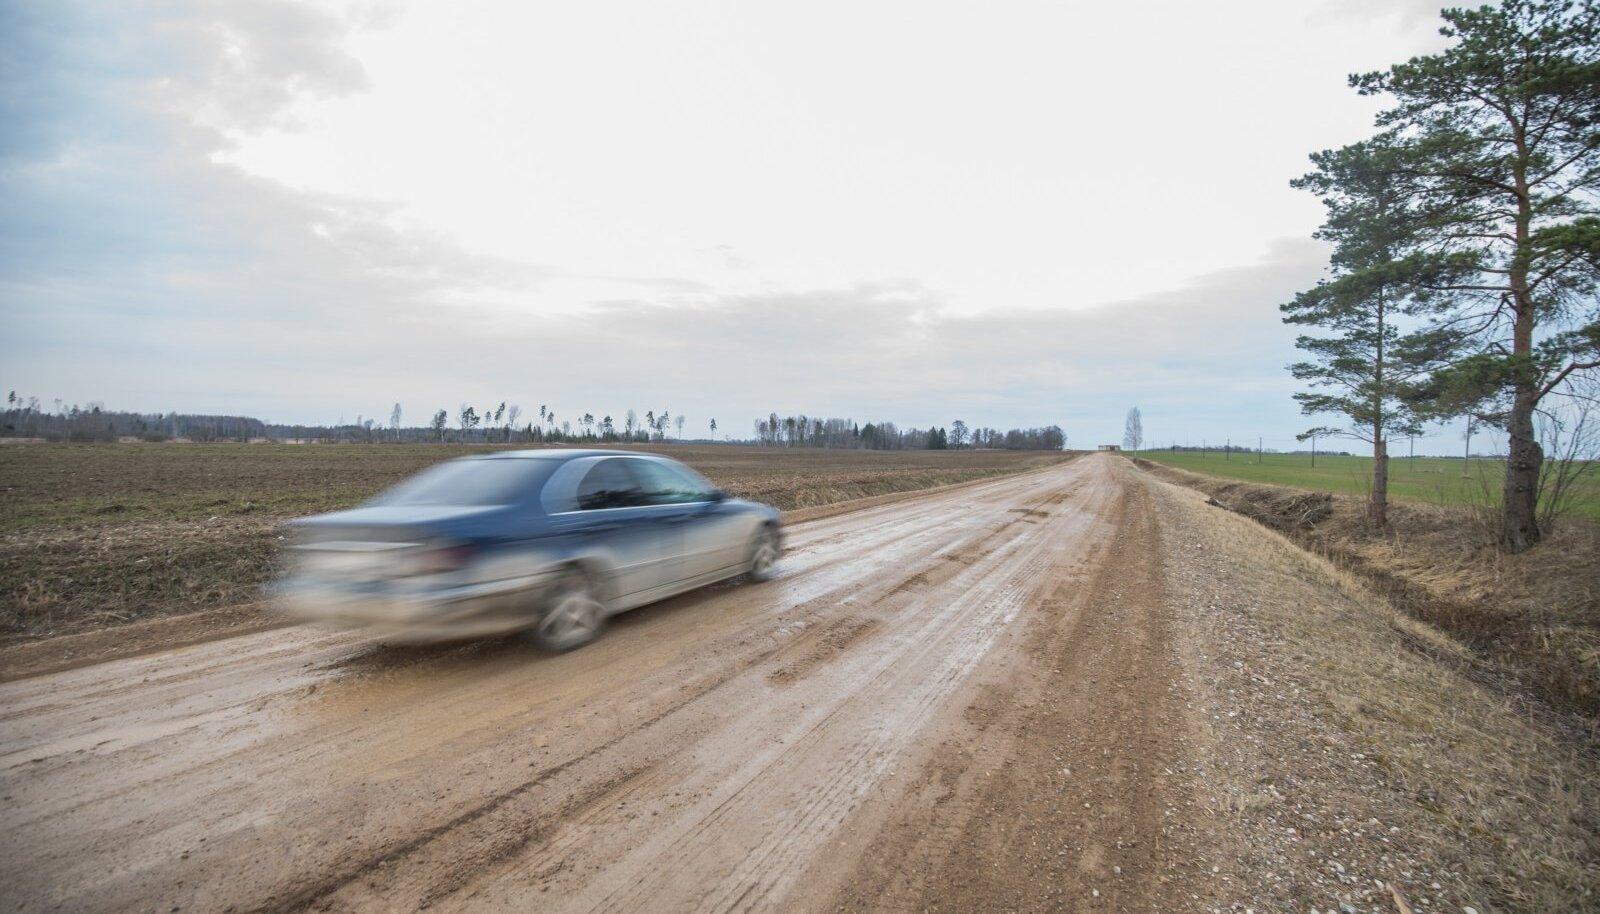 Kohalike külateede seisukord on kasin, puudub asfaltkate ning teed on sageli porised – külarahvas leiab, et ka parima tahtmise korral oleks seal jalgrattaga liikumine vaevaline.